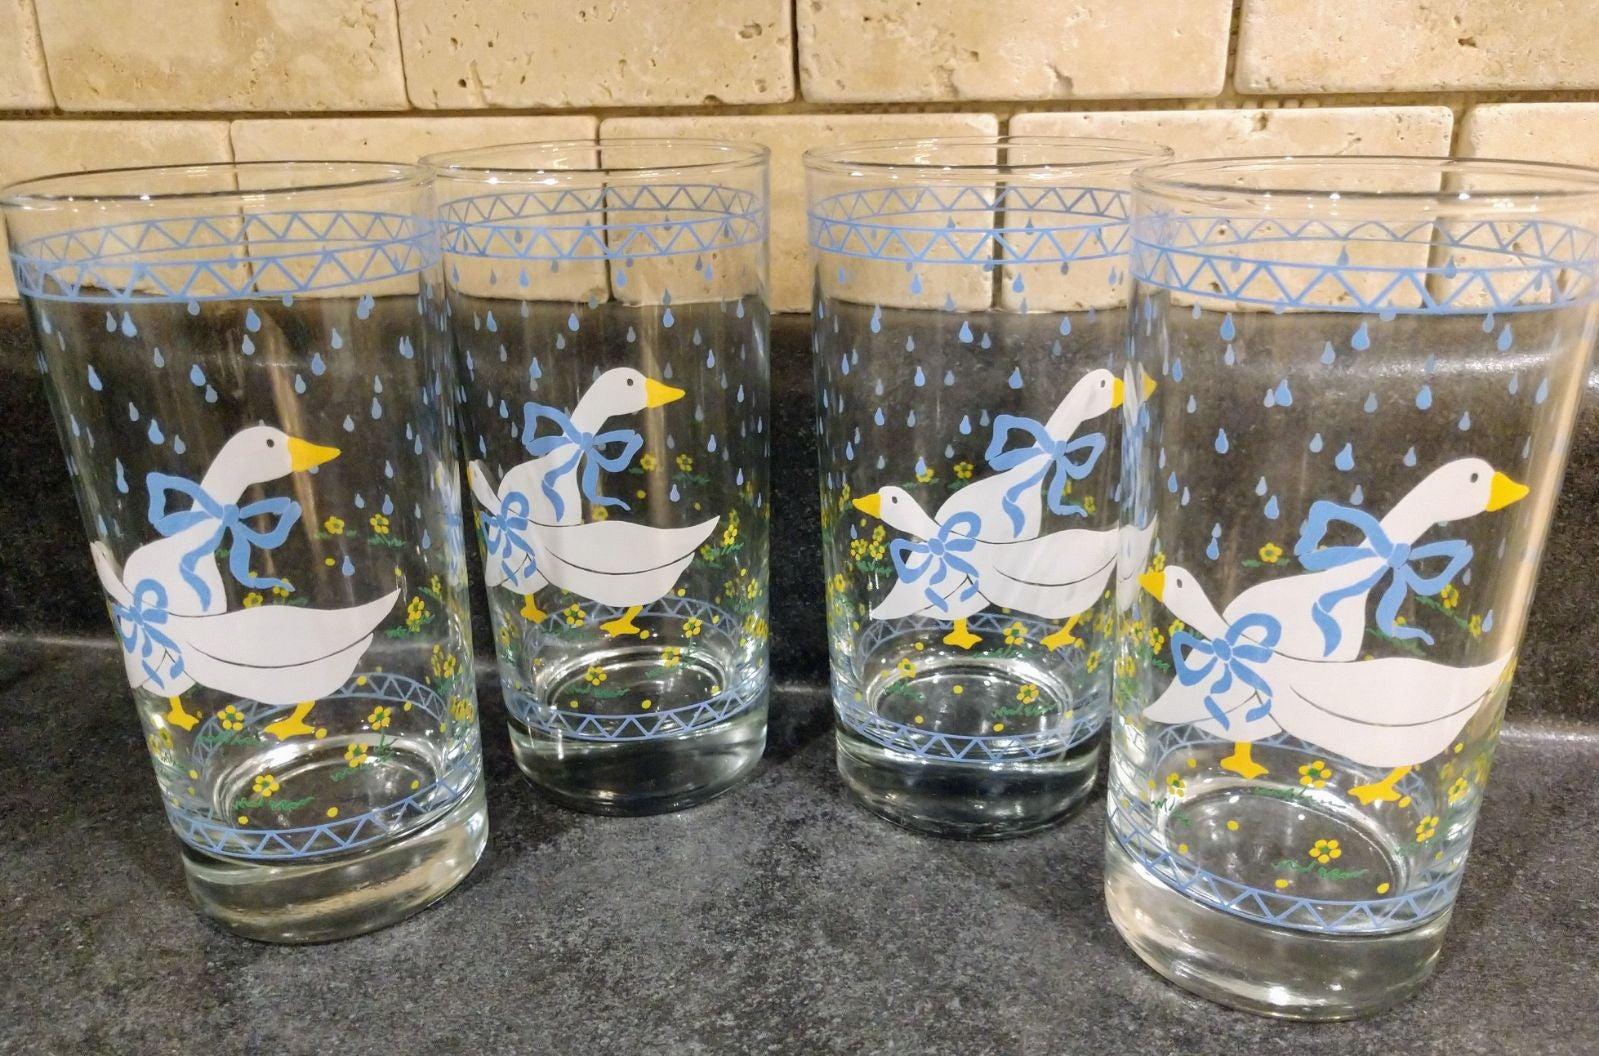 12 Vintage Geese Glasses